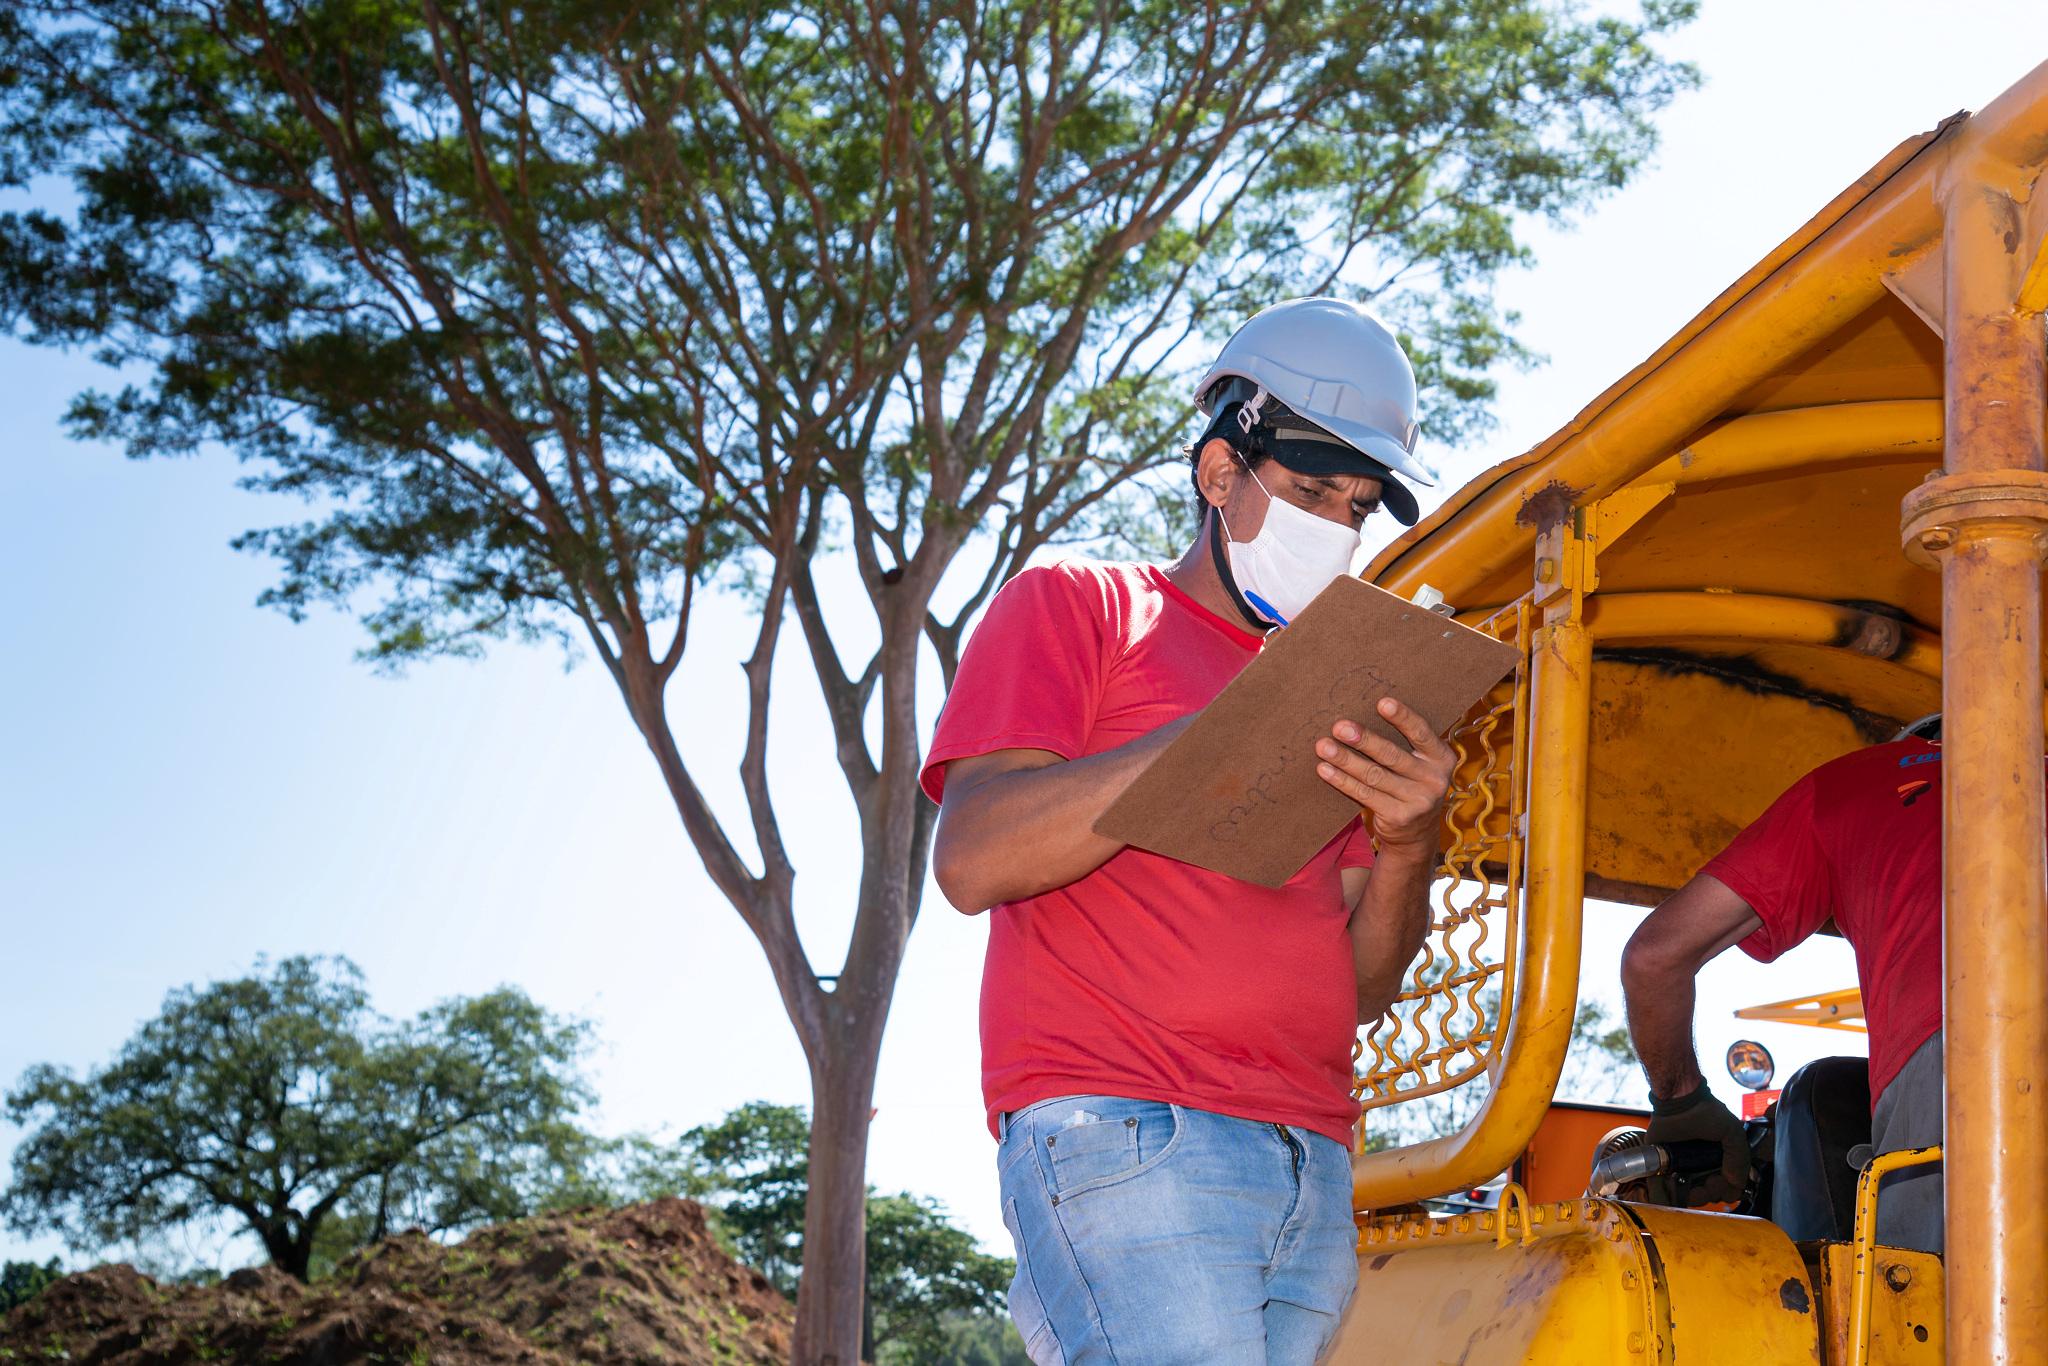 Obra financiada pela Itaipu, Perimetral Leste abre contratações. Foto: Sara Cheida/Itaipu Binacional